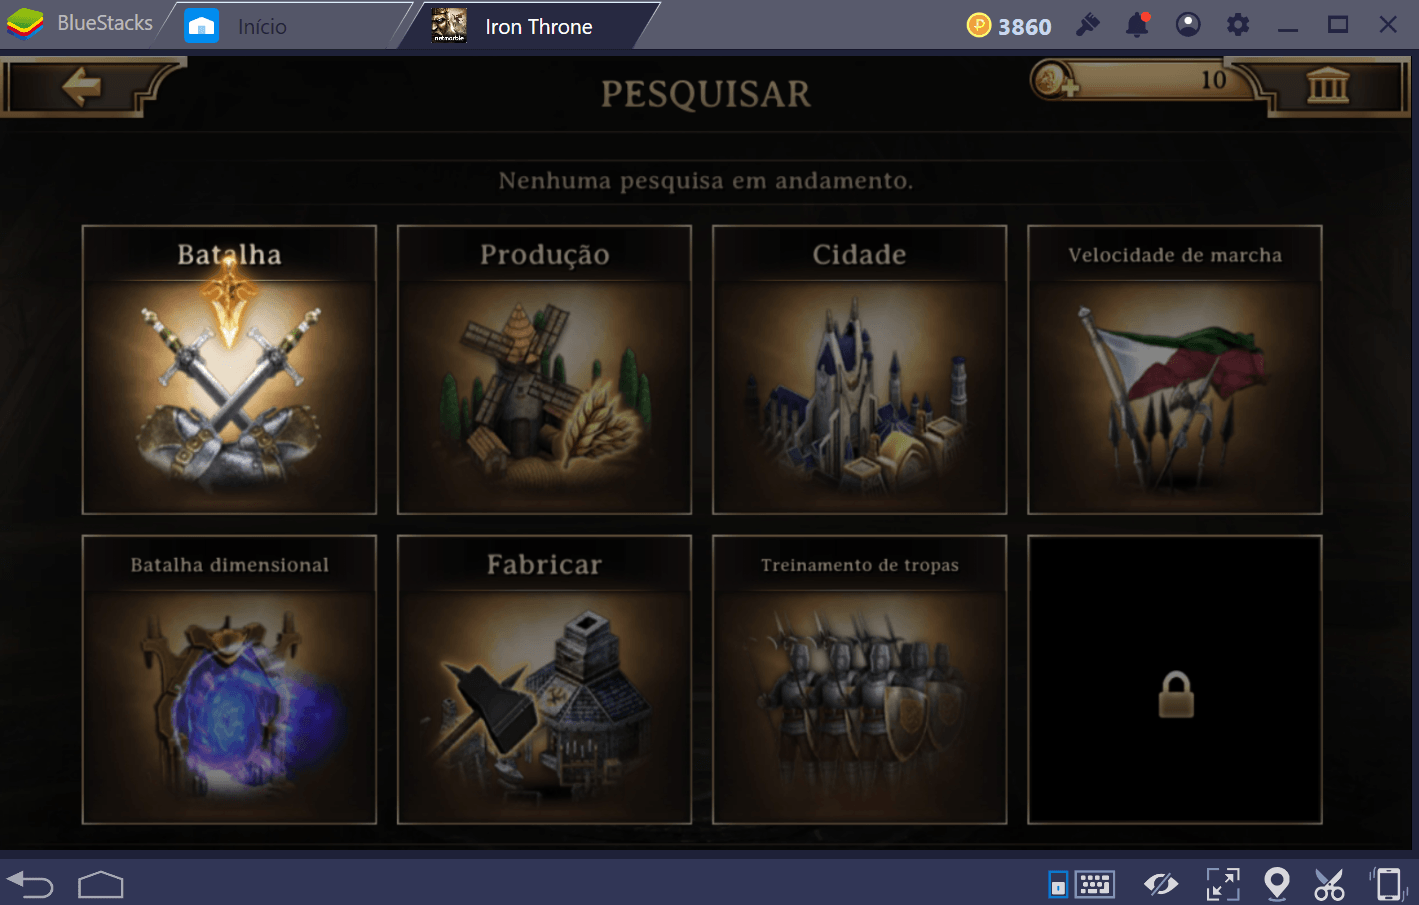 Guia de pesquisa e equipamentos em Iron Throne